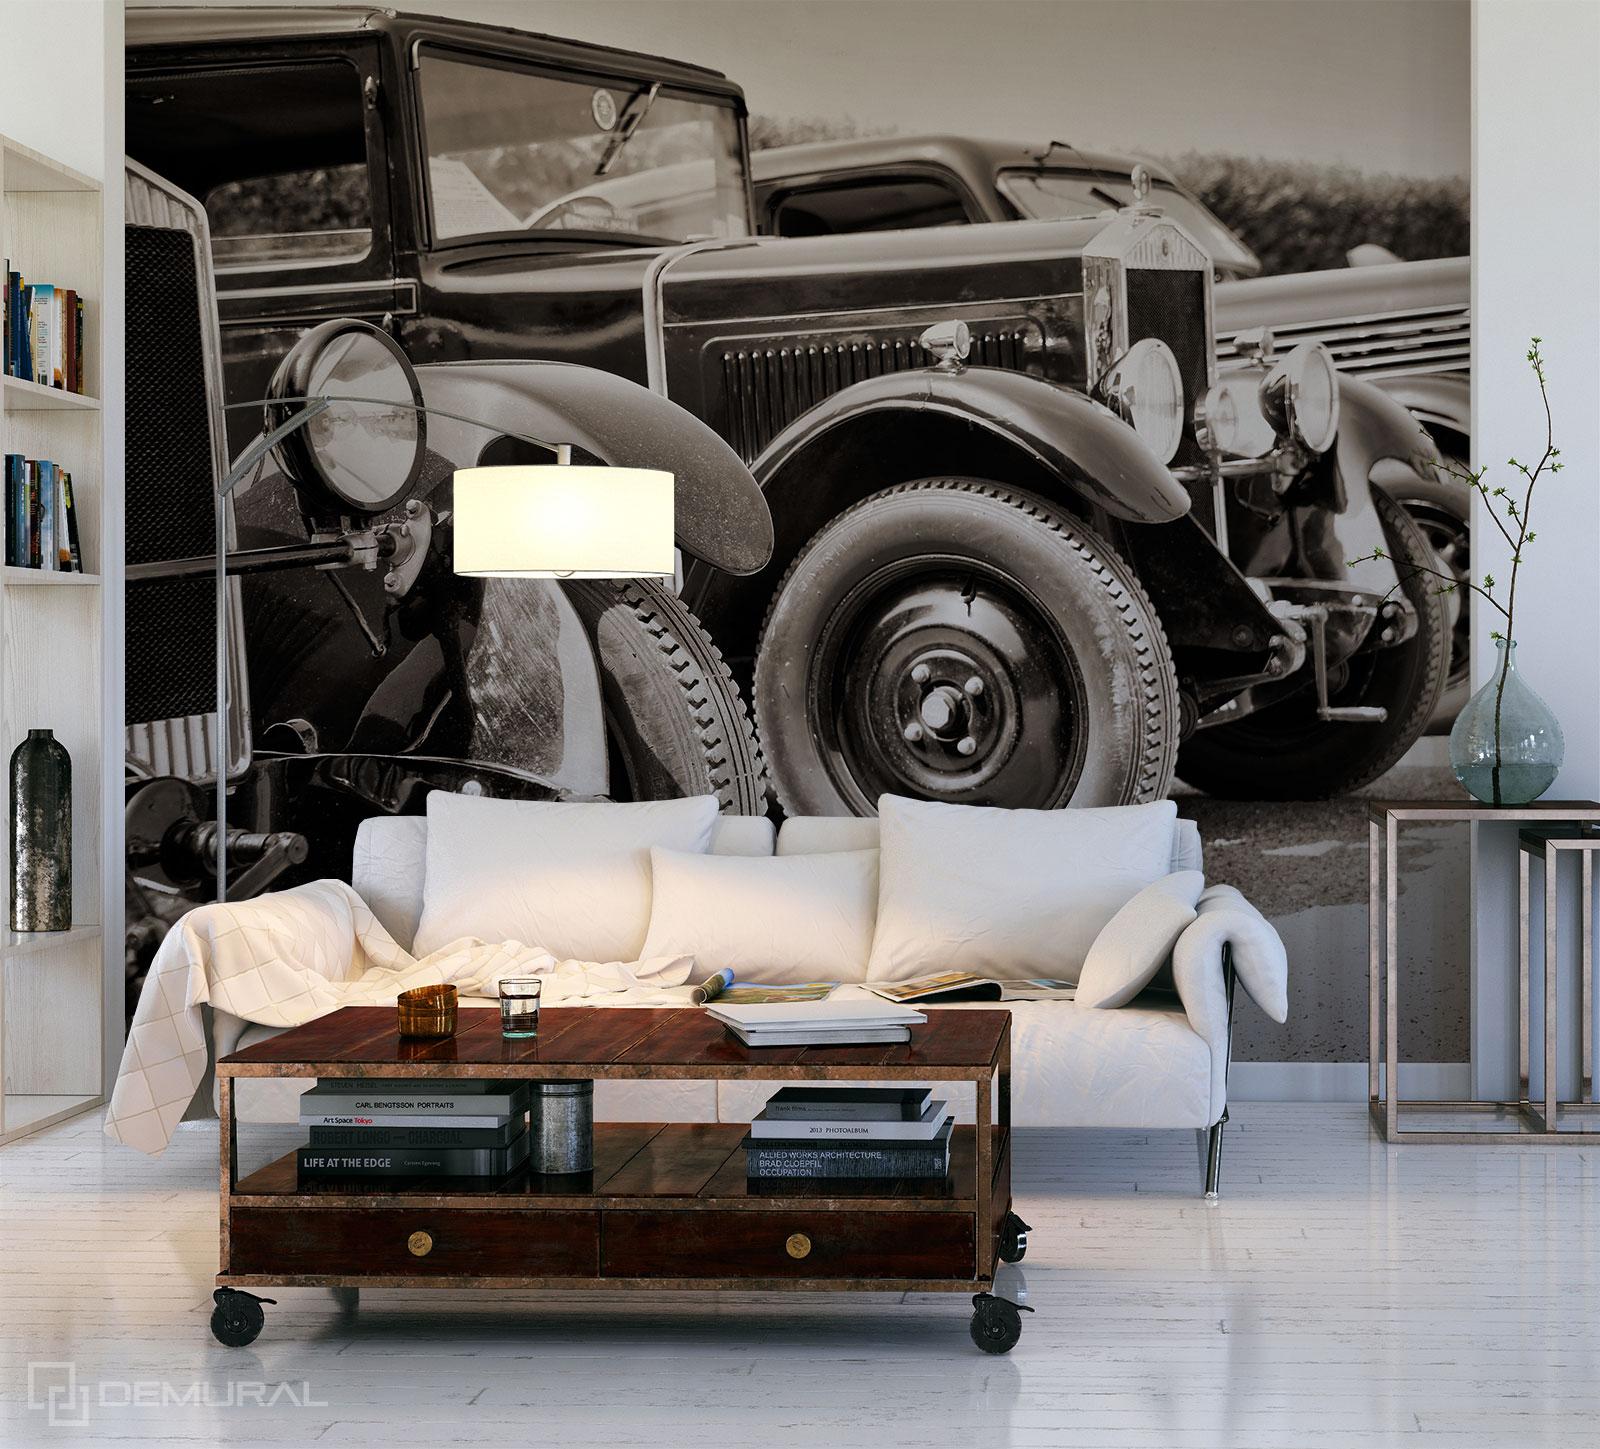 Fototapete Antike autos - Fototapete mit Auto - Demural